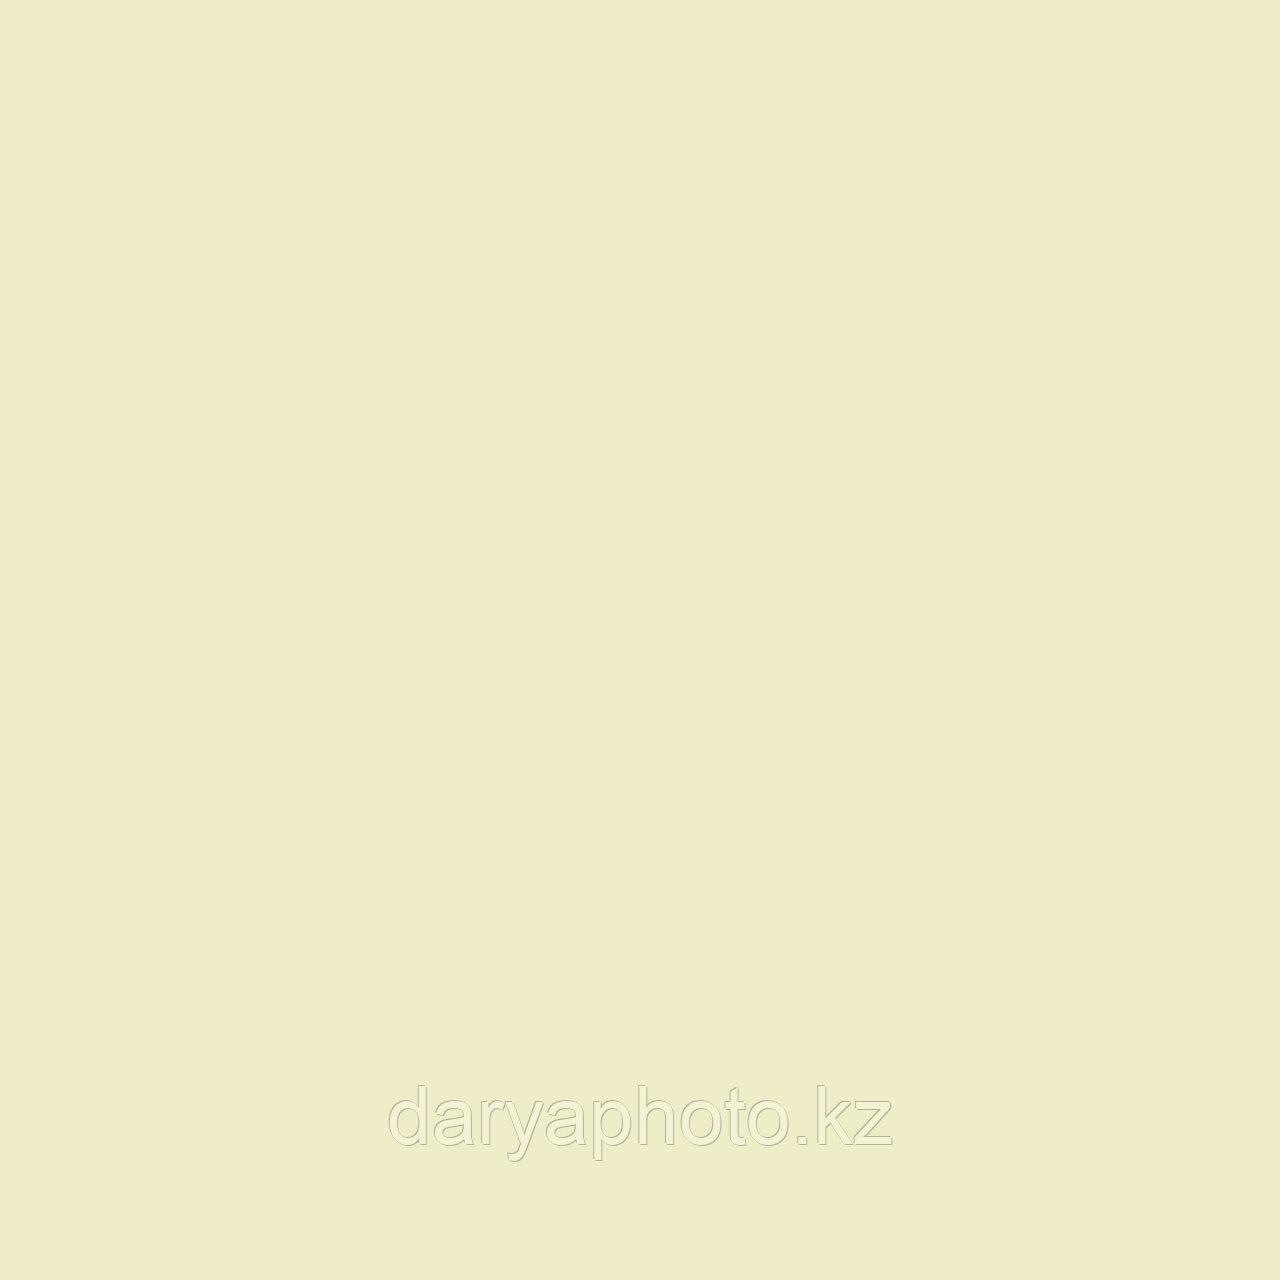 Айвори Фон бумажный. Фотофон. Фон для фотостудии